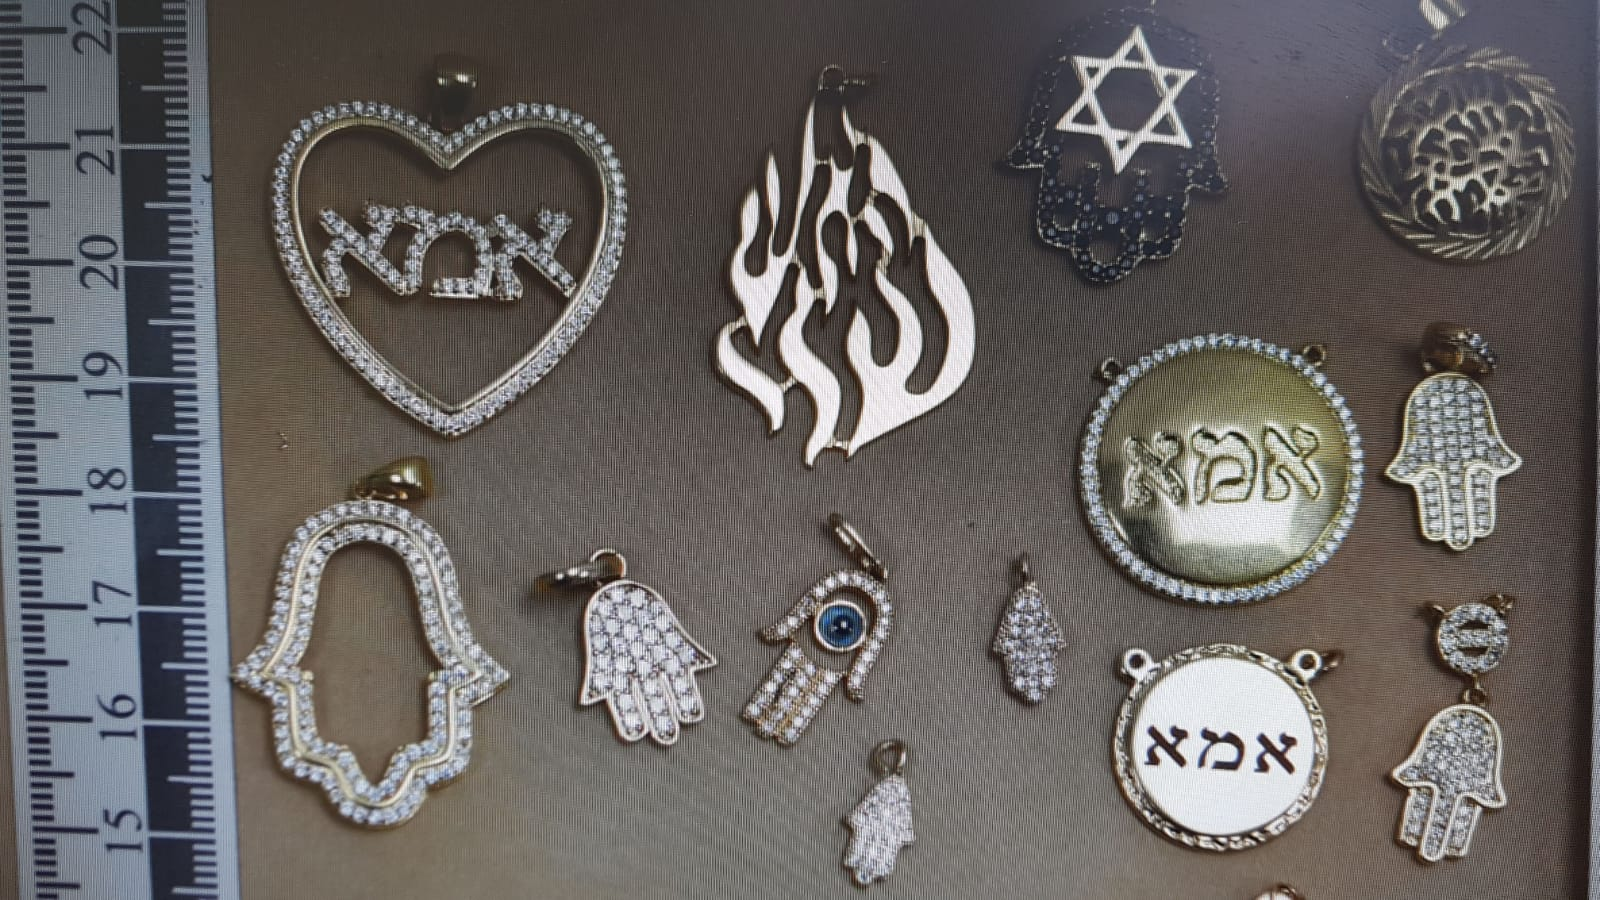 תפיסה של תכשיטים בקניון רמת גן